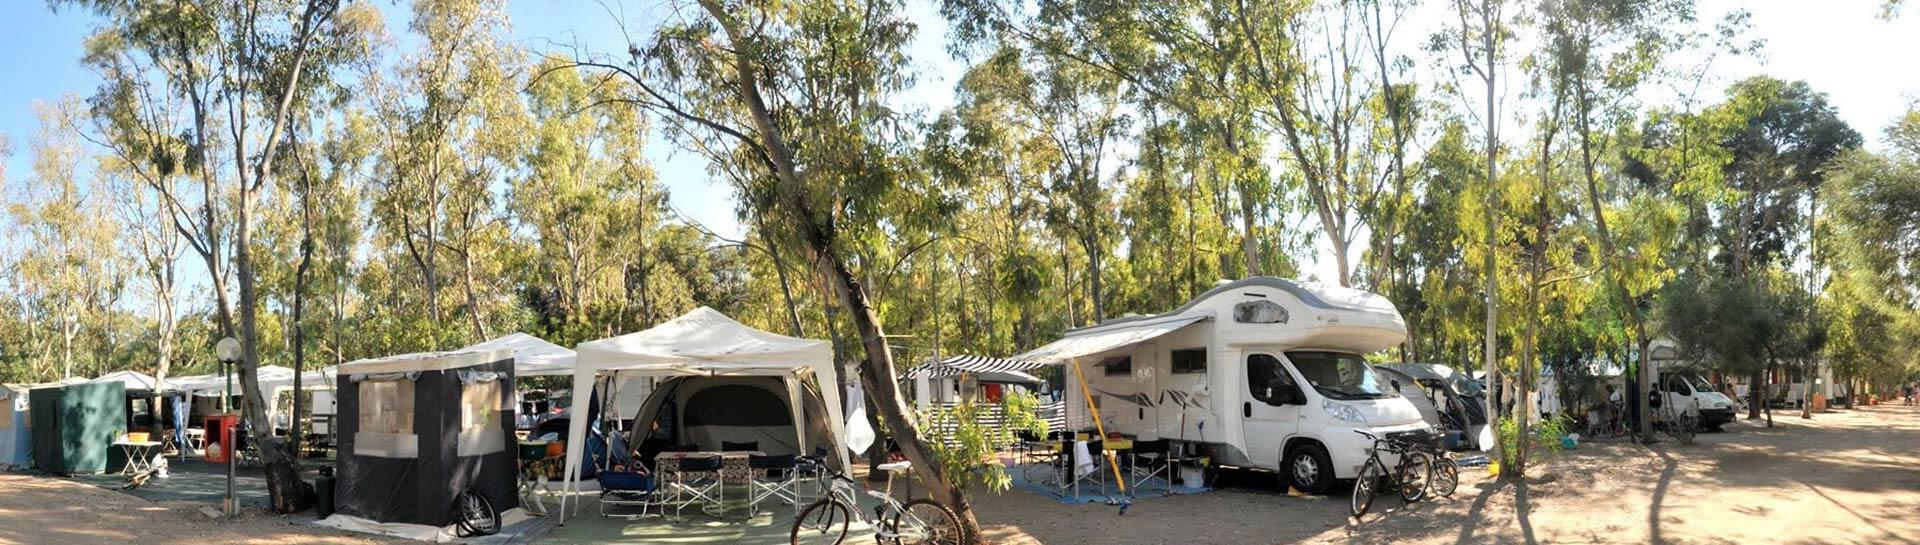 4mori en camping-muravera 011